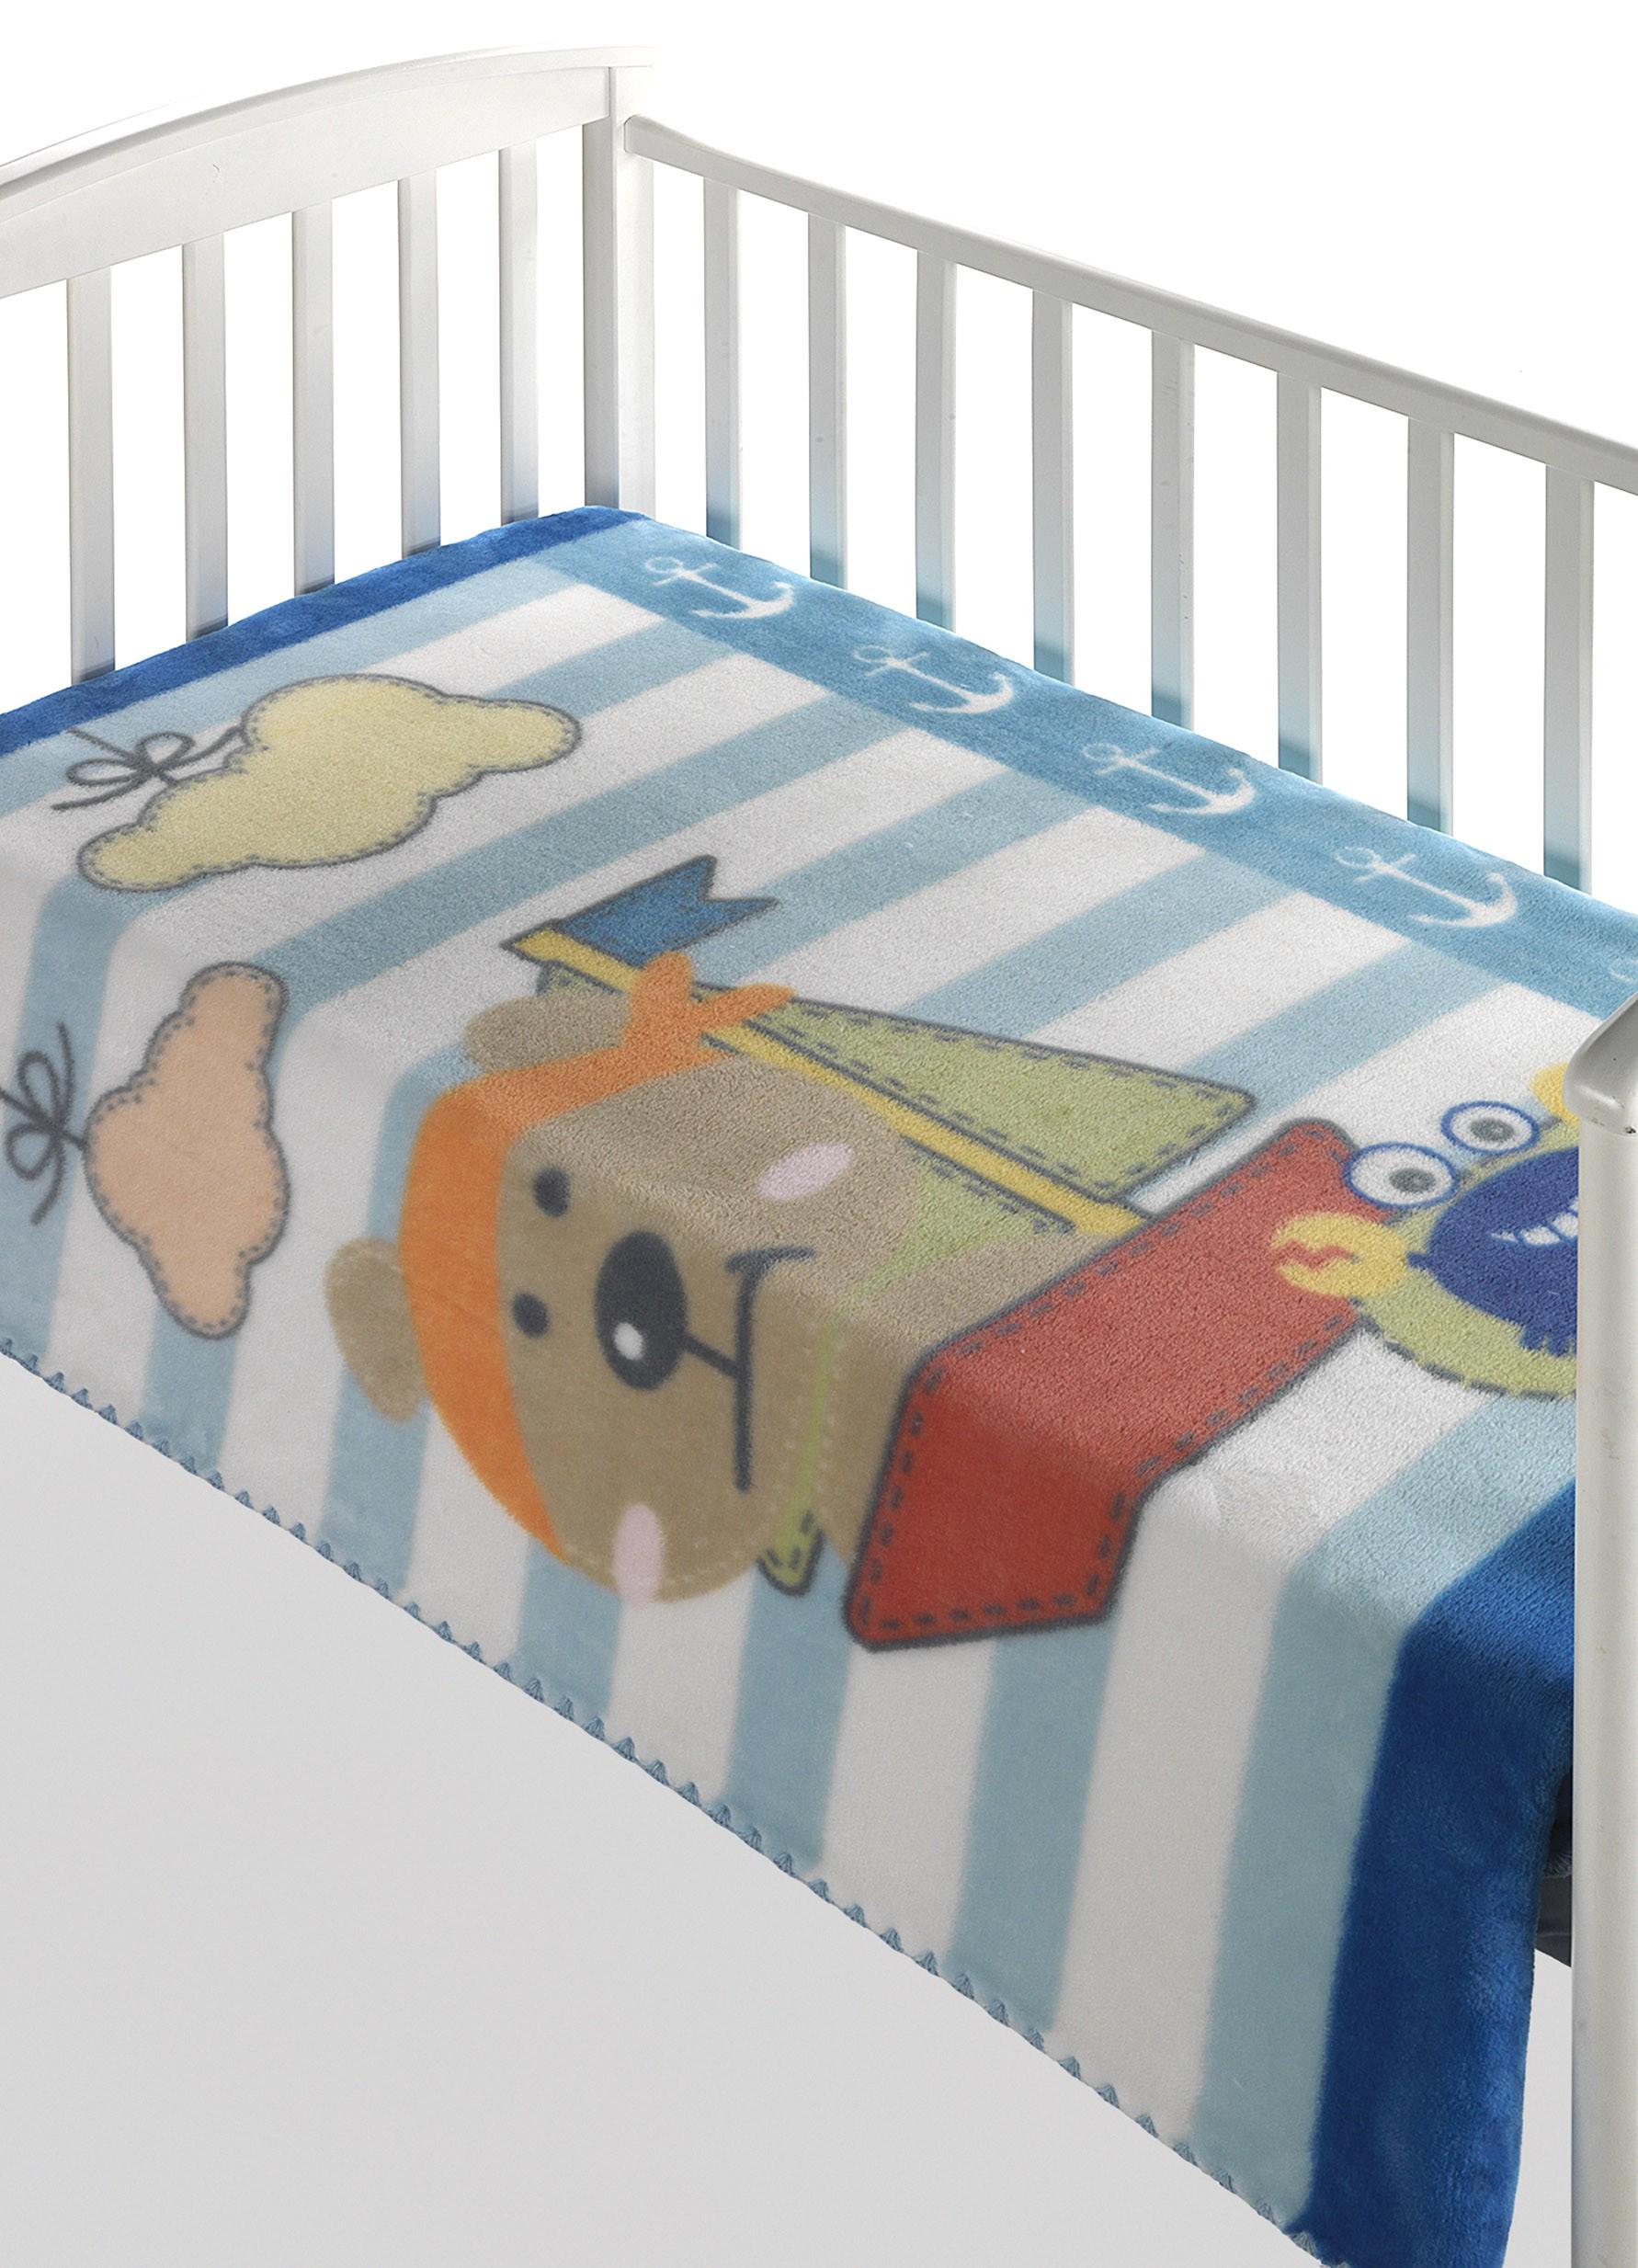 Κουβέρτα Βελουτέ Αγκαλιάς Morven Magic Baby 306 Σιέλ